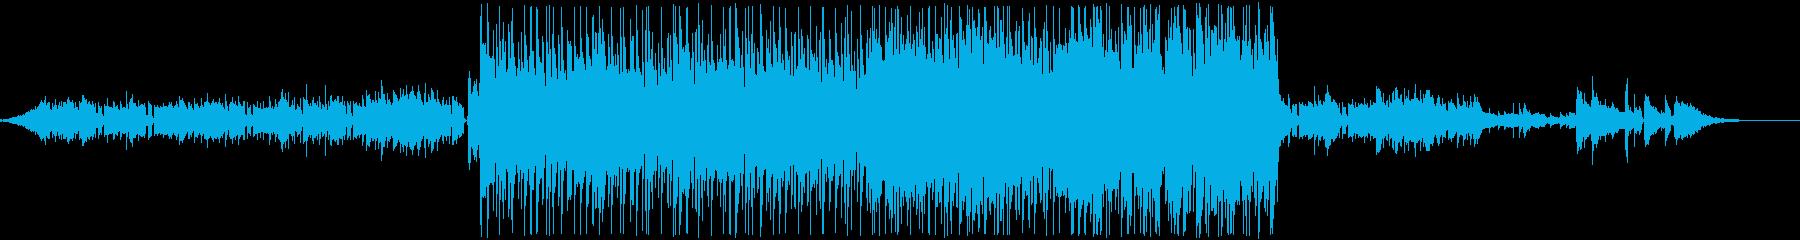 爽やかかつ力強さも感じる雰囲気のBGMの再生済みの波形